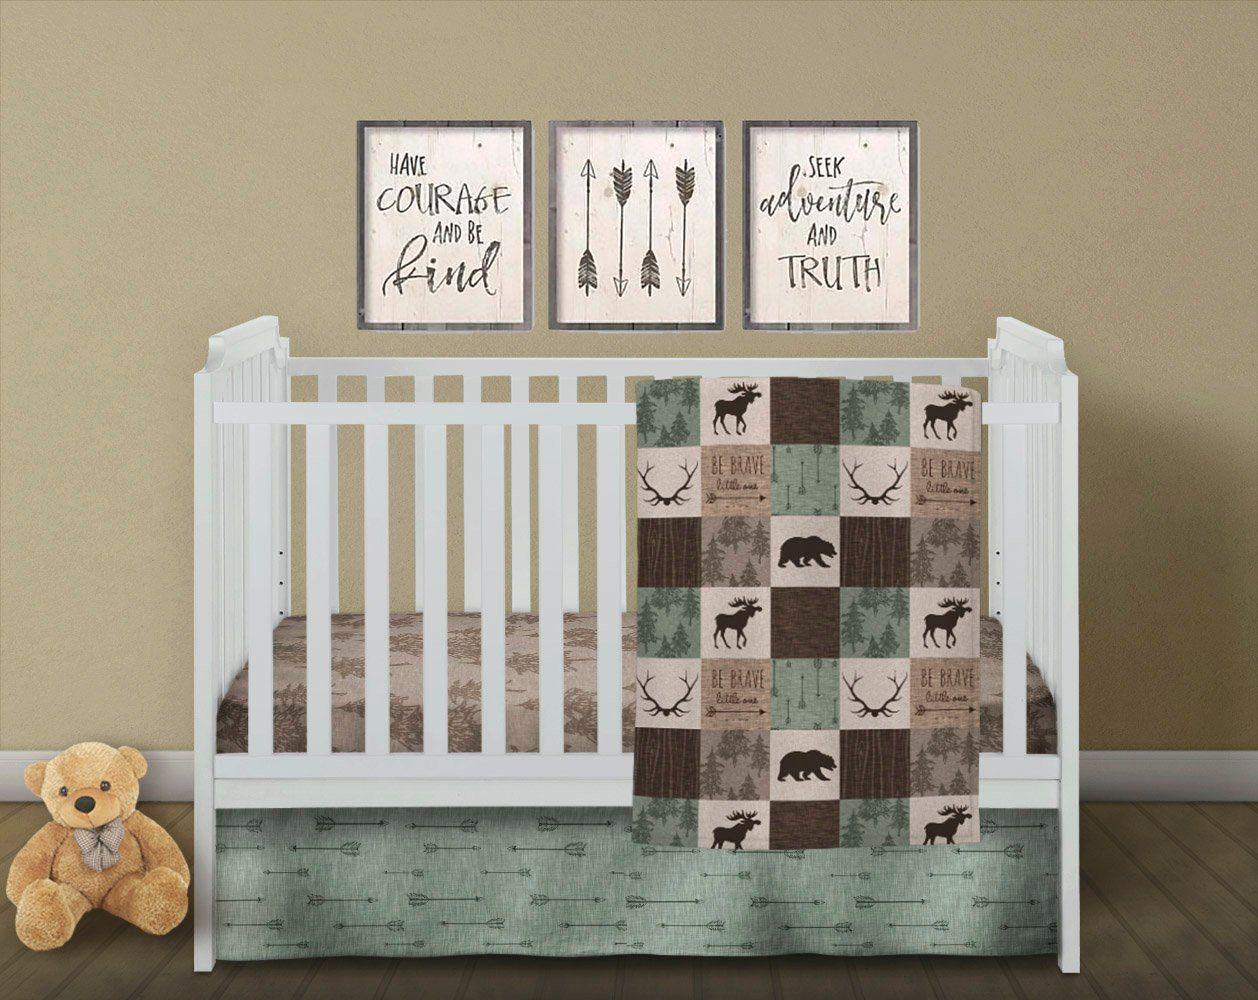 Patchwork Baby Quilt Crib Bedding Set Woodland Baby Quilt Crib Sheet Skirt Rustic Baby Quilt Moose B Rustic Baby Quilt Woodland Baby Quilt Baby Patchwork Quilt